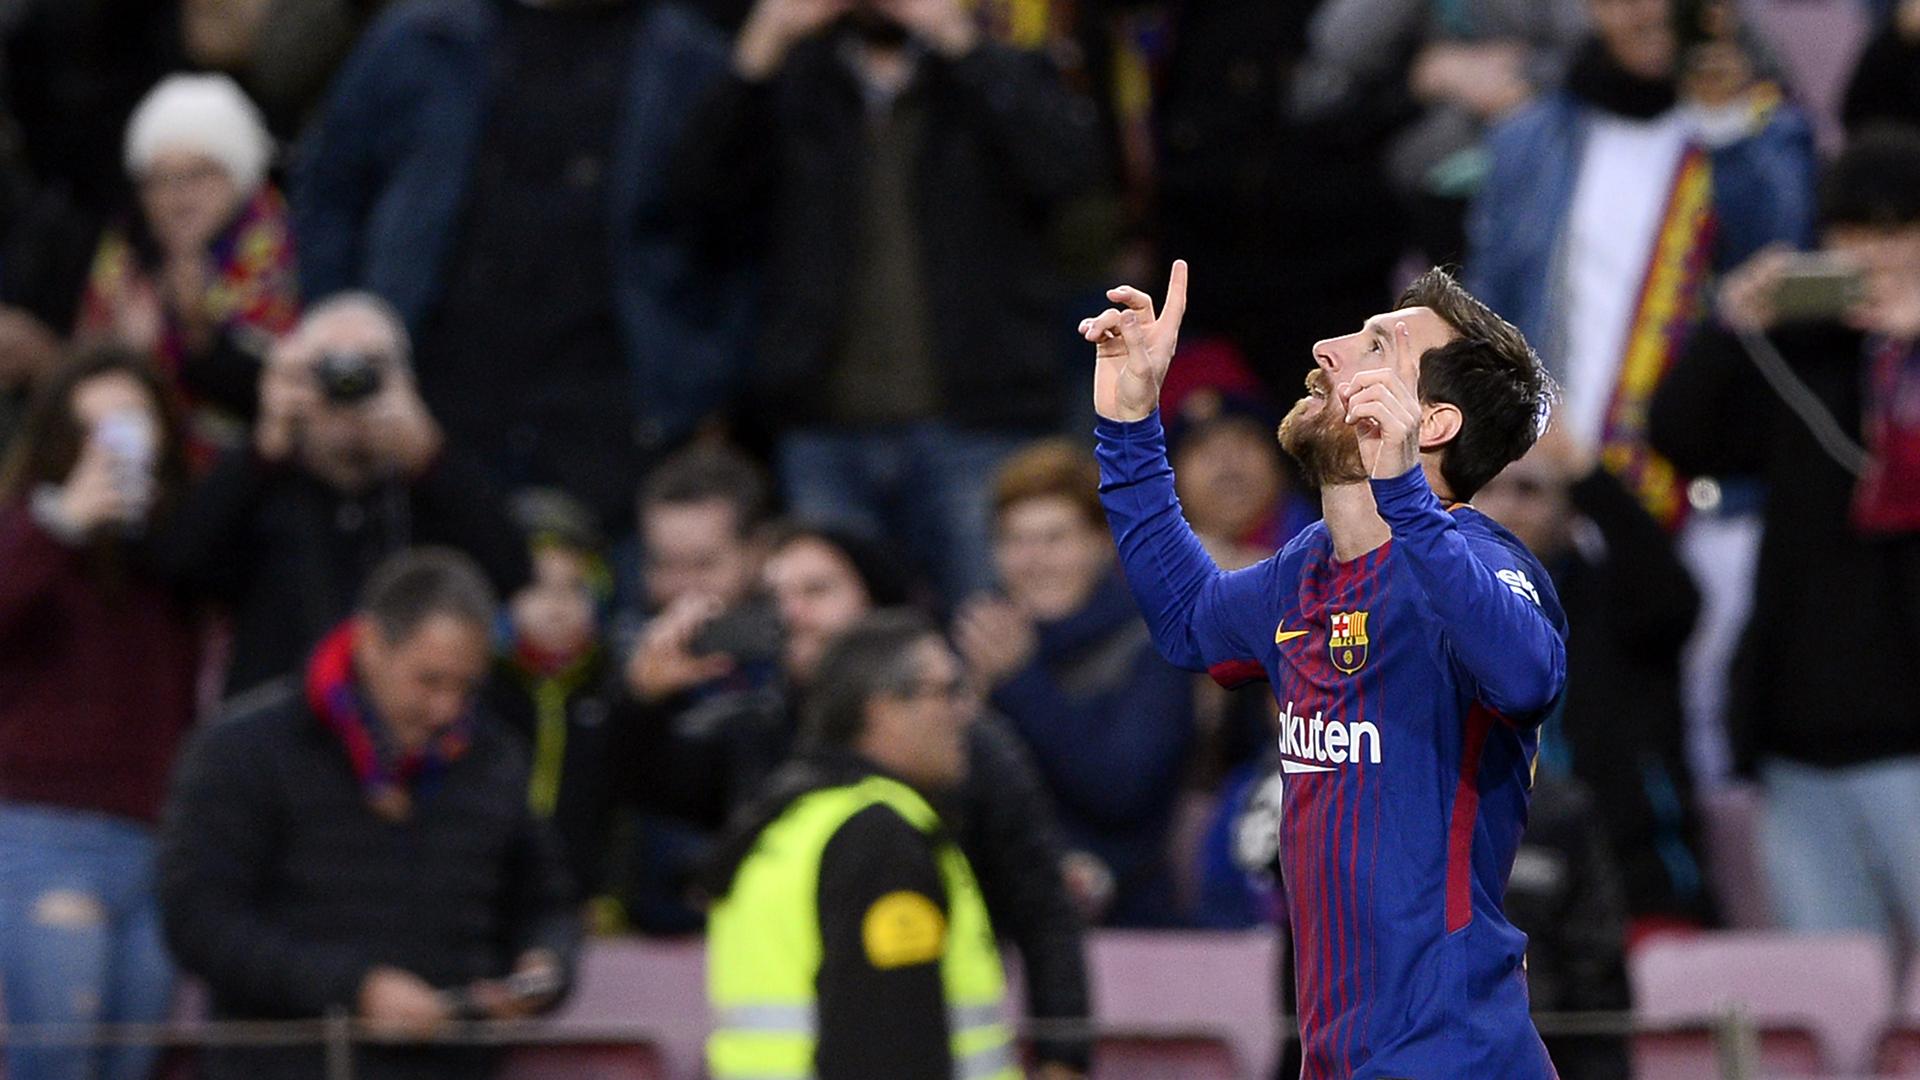 Tiembla Pelé: Lionel Messi llegó a los 1.000 goles en el triunfo del Barcelona ante el Levante